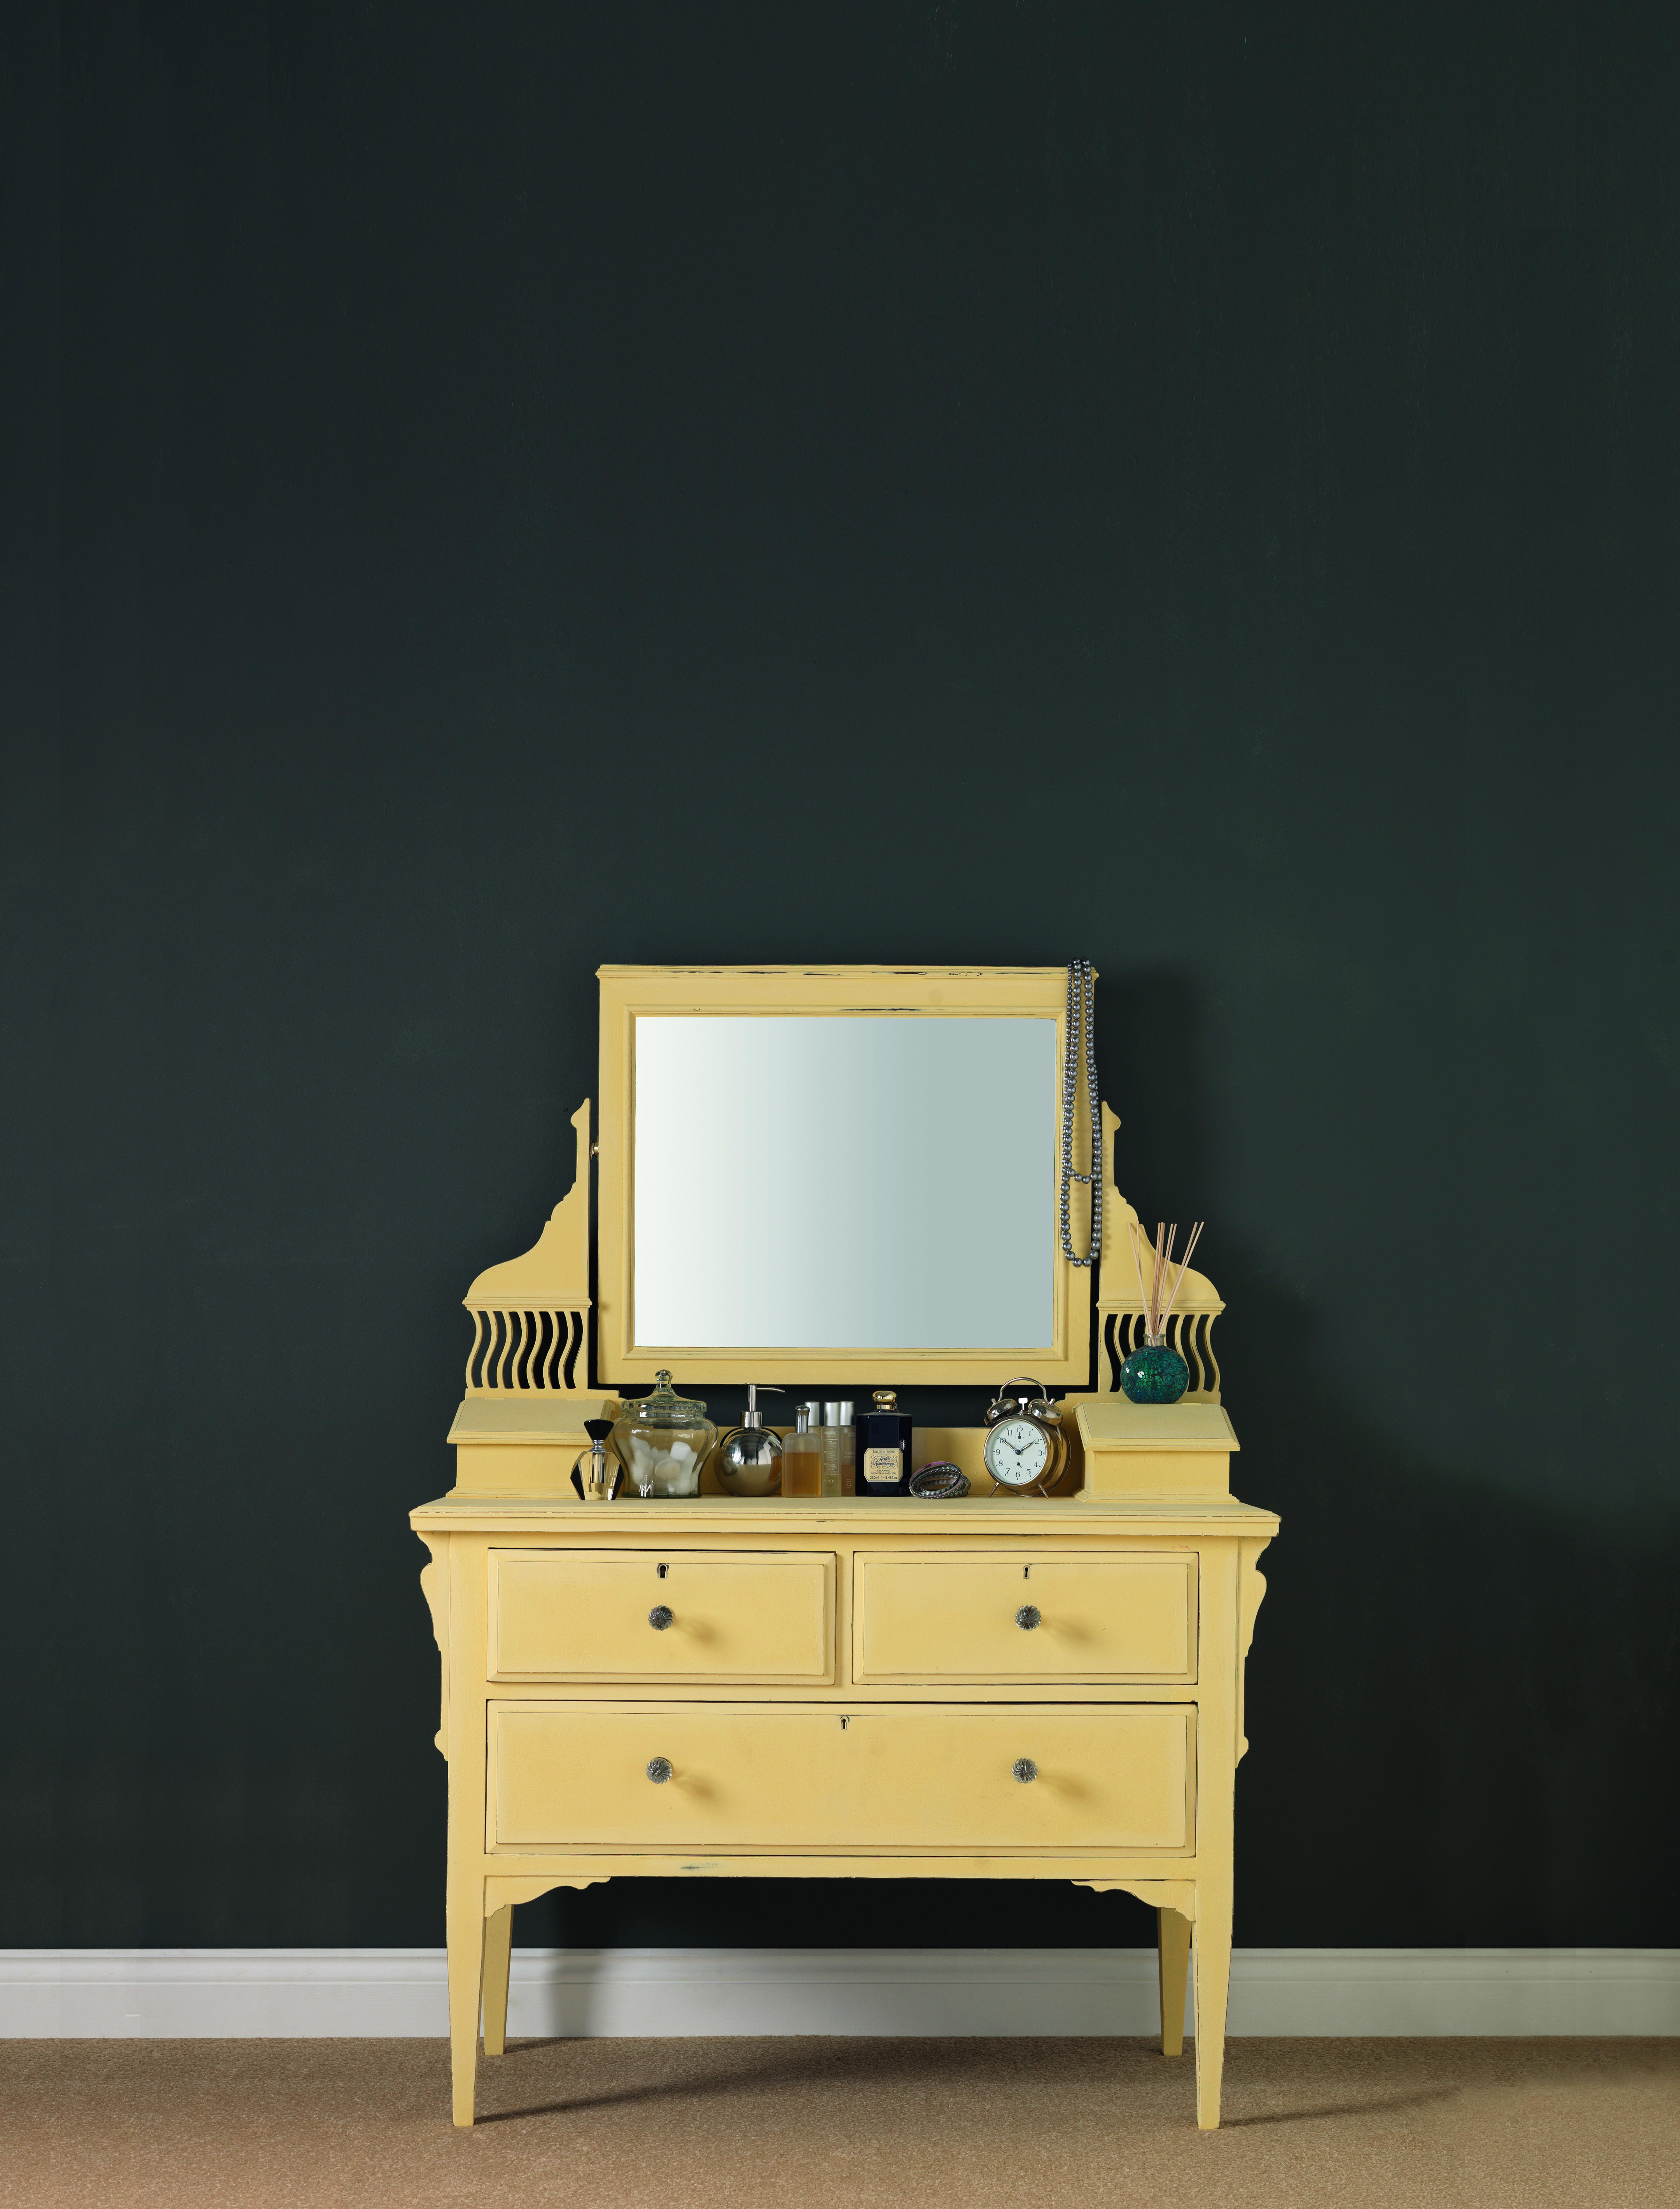 Peinture Pour Customiser Meuble Bois un effet poudré et des meubles relookés en une seule couche